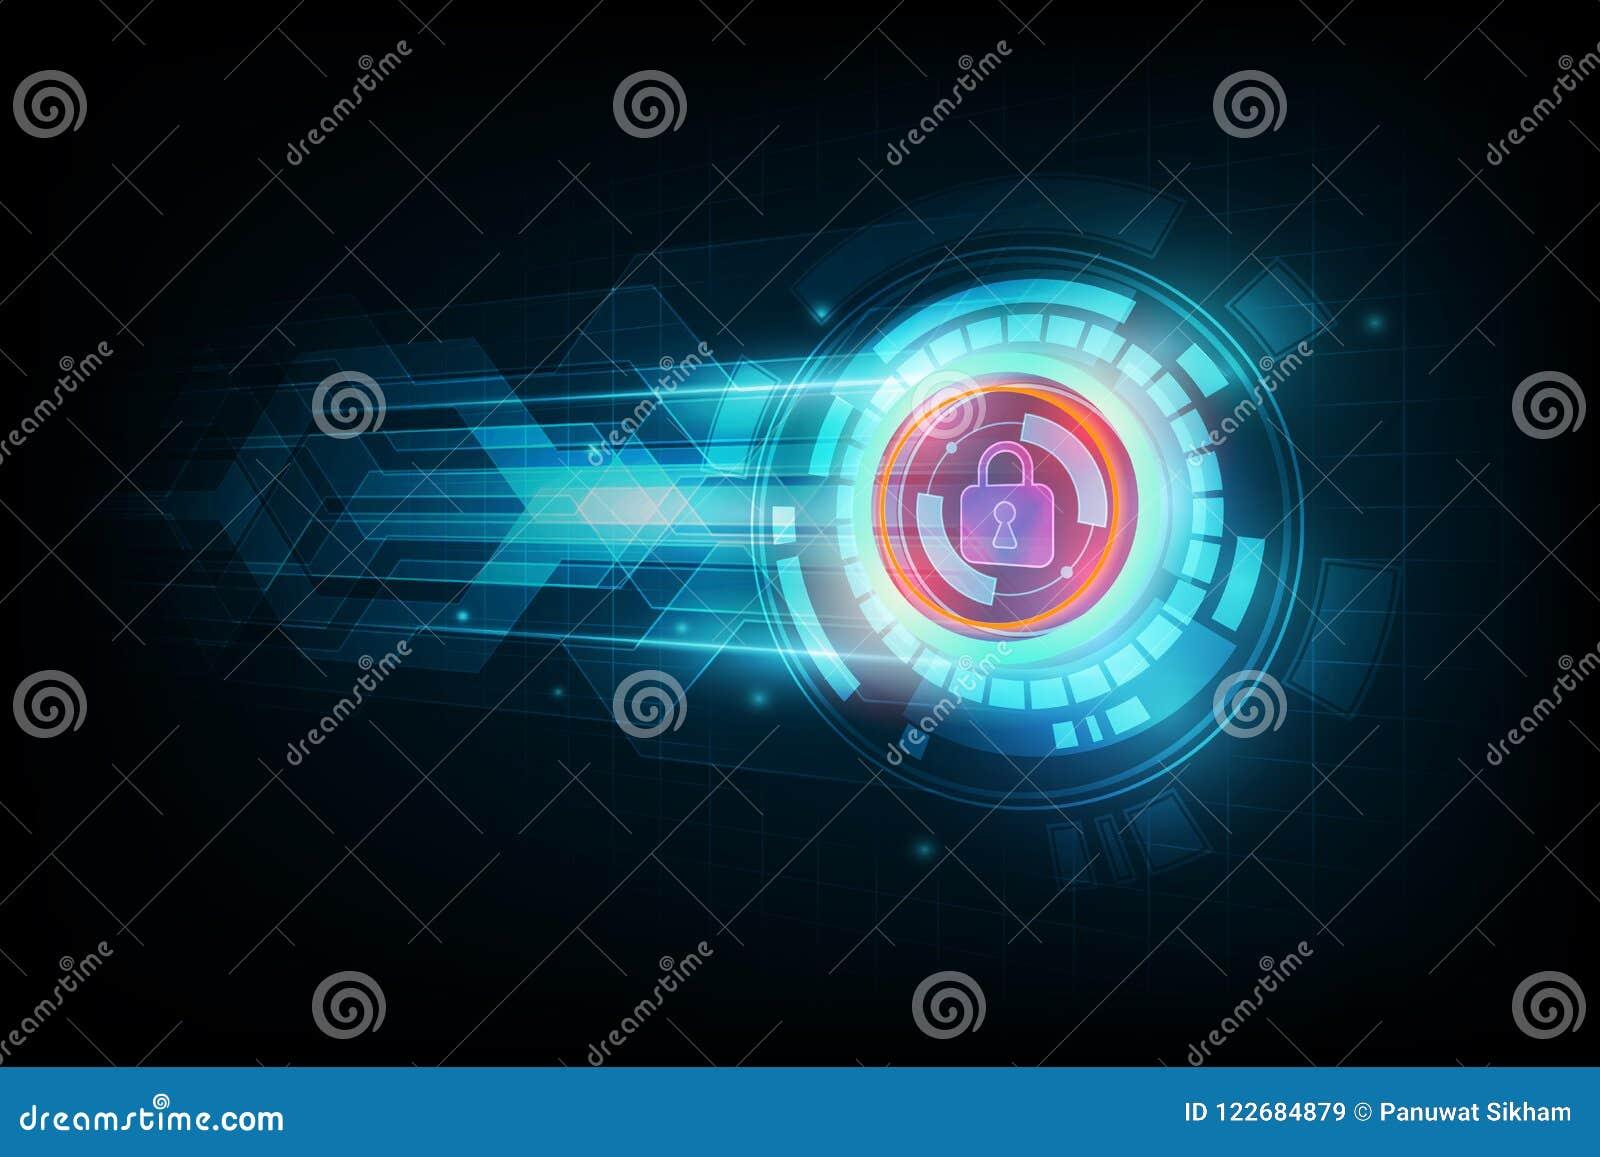 Conceito abstrato da segurança de dados e techno eletrônico futurista